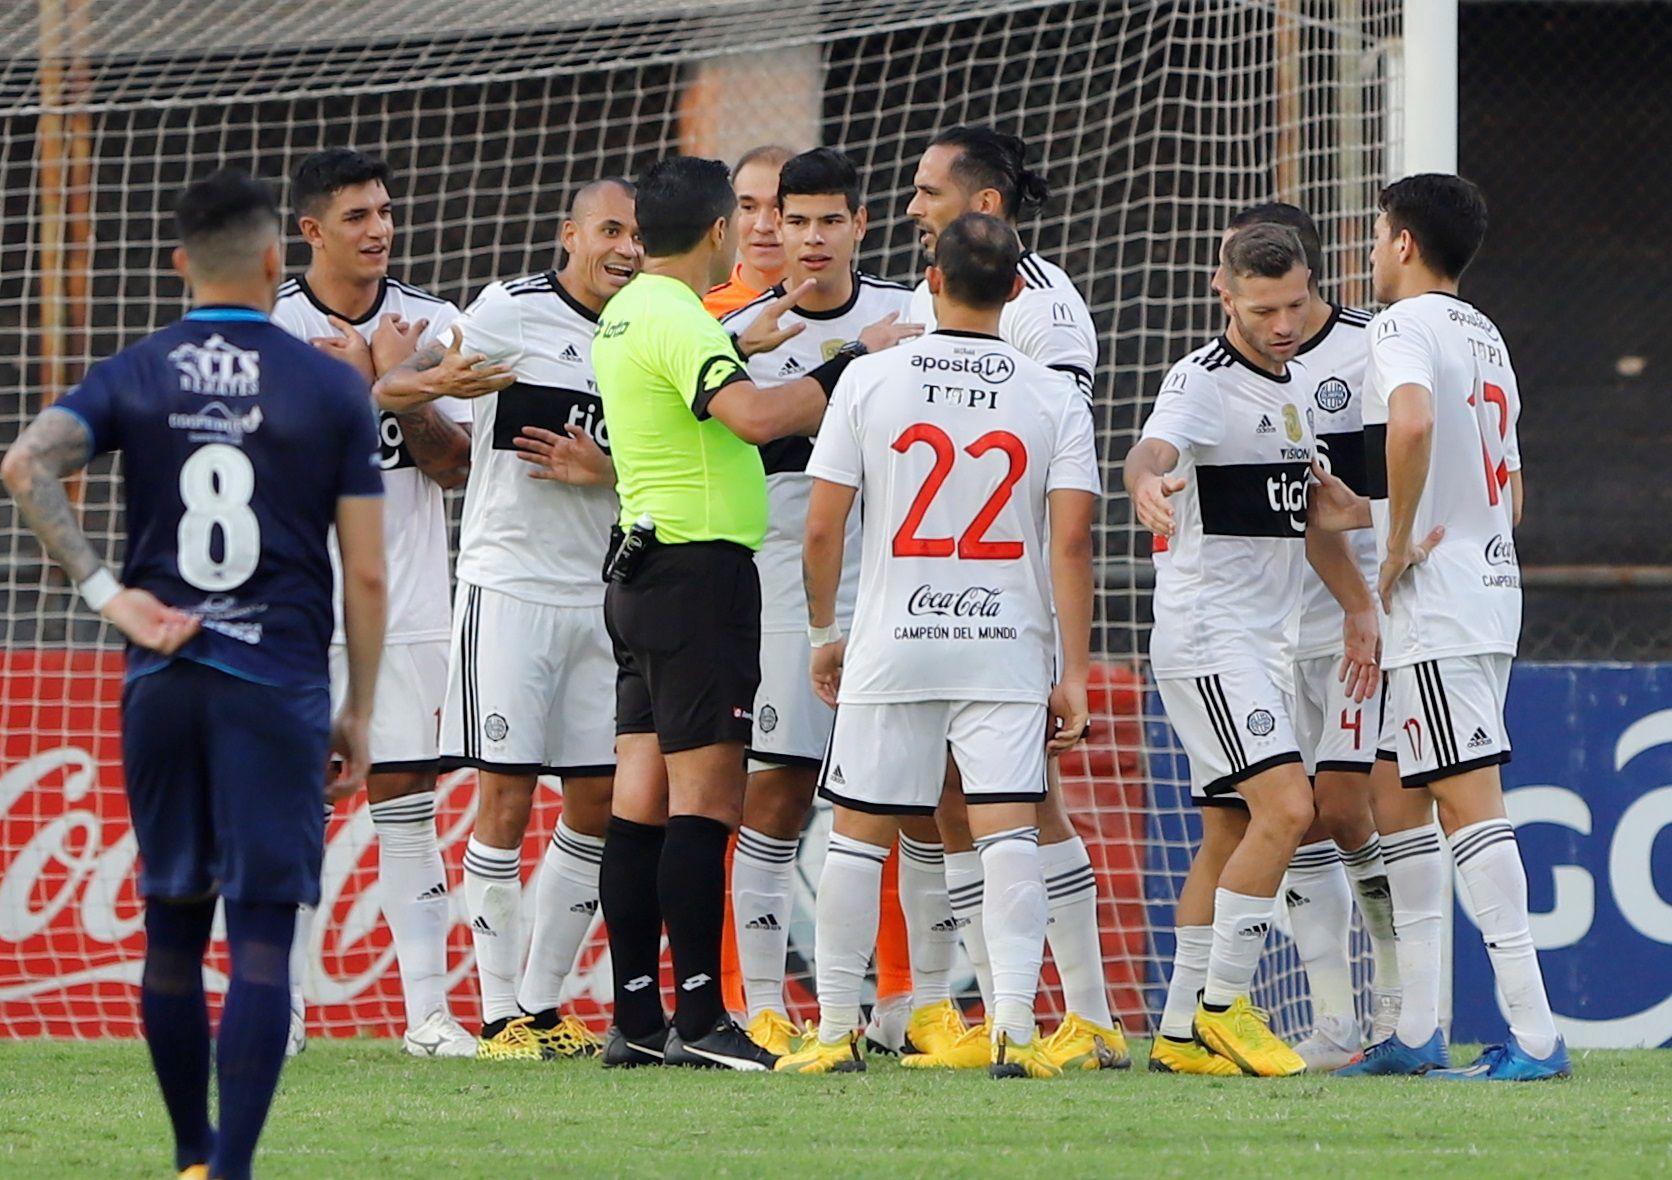 Jugadores de Olimpia reclaman una acción al árbitro Julio Quintana (c) hoy, en un partido del torneo Apertura paraguayo entre Olimpia y Guaireña FC en el estadio en Asunción (Paraguay). EFE/Nathalia Aguilar